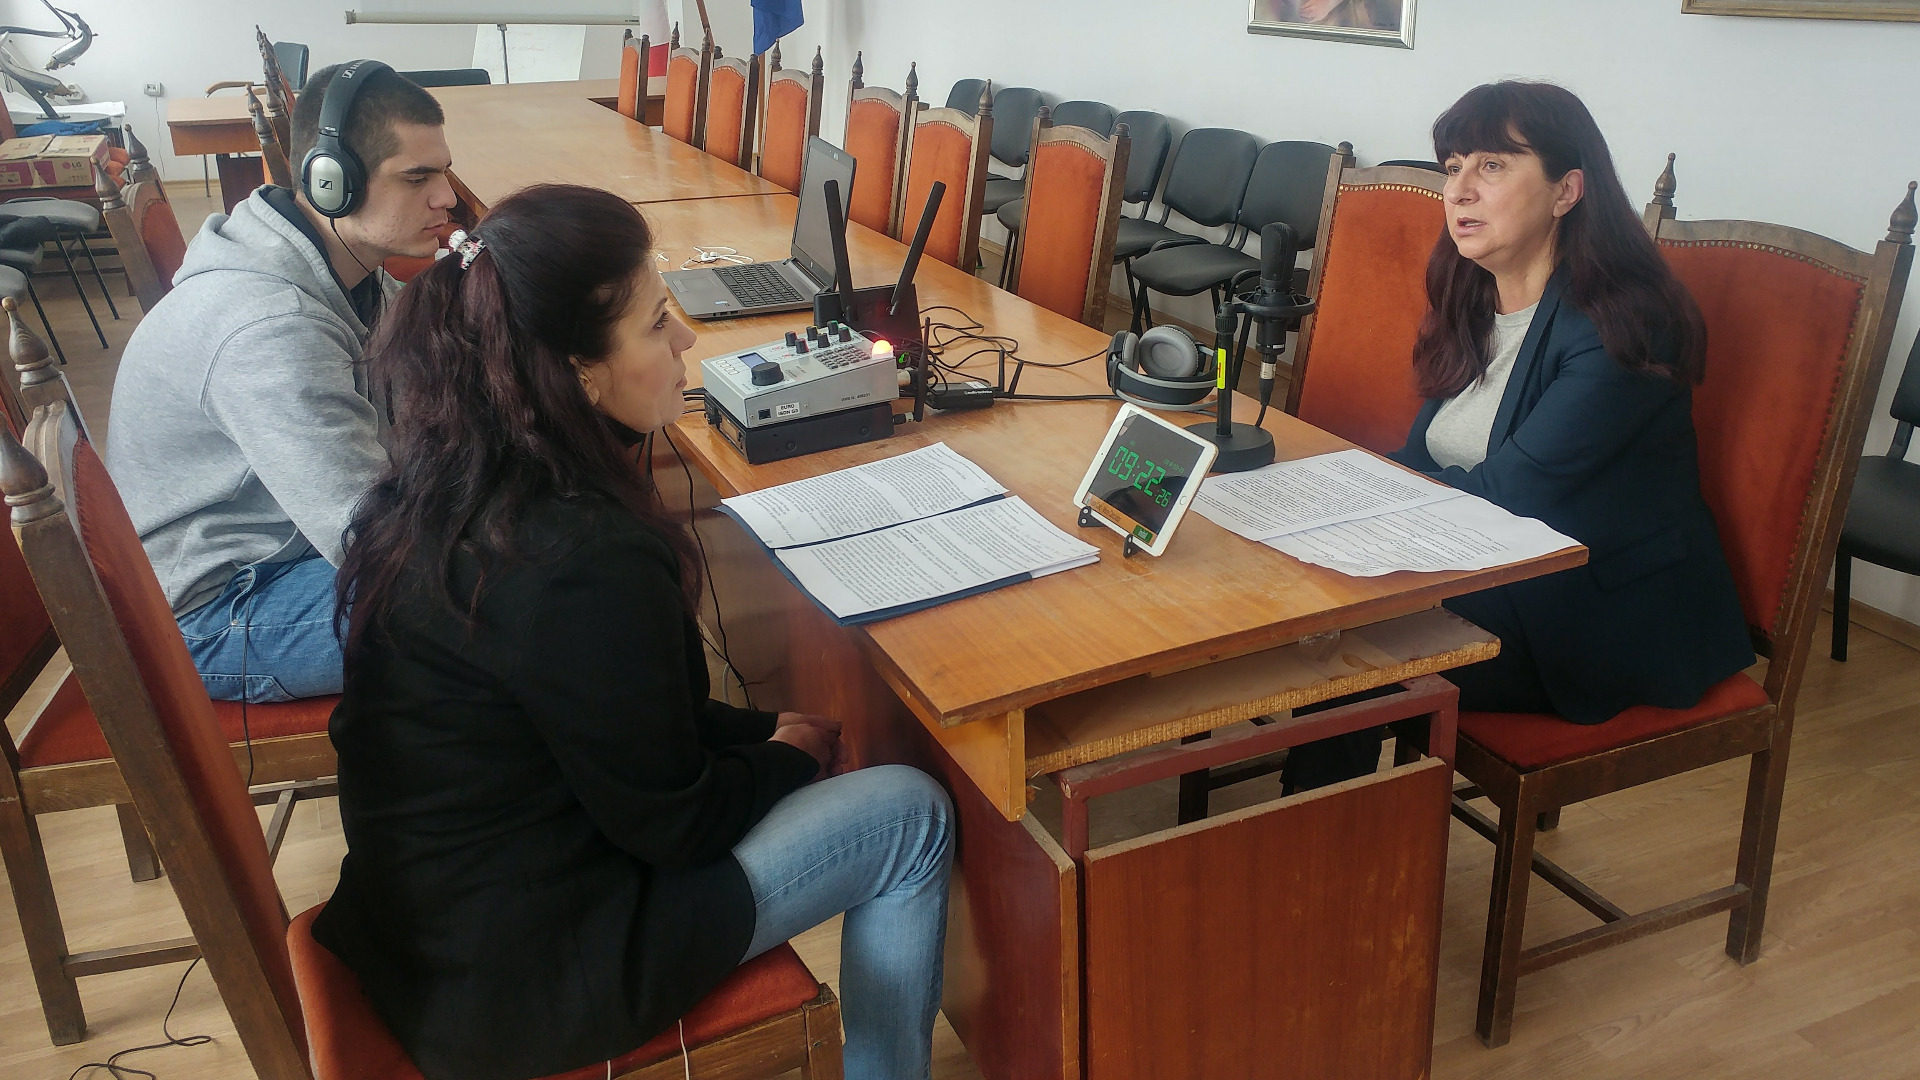 Пенка Пенкова, кмет на Община Лом, в изнесеното студио на Радио ВИДИН в крайдунавския град.